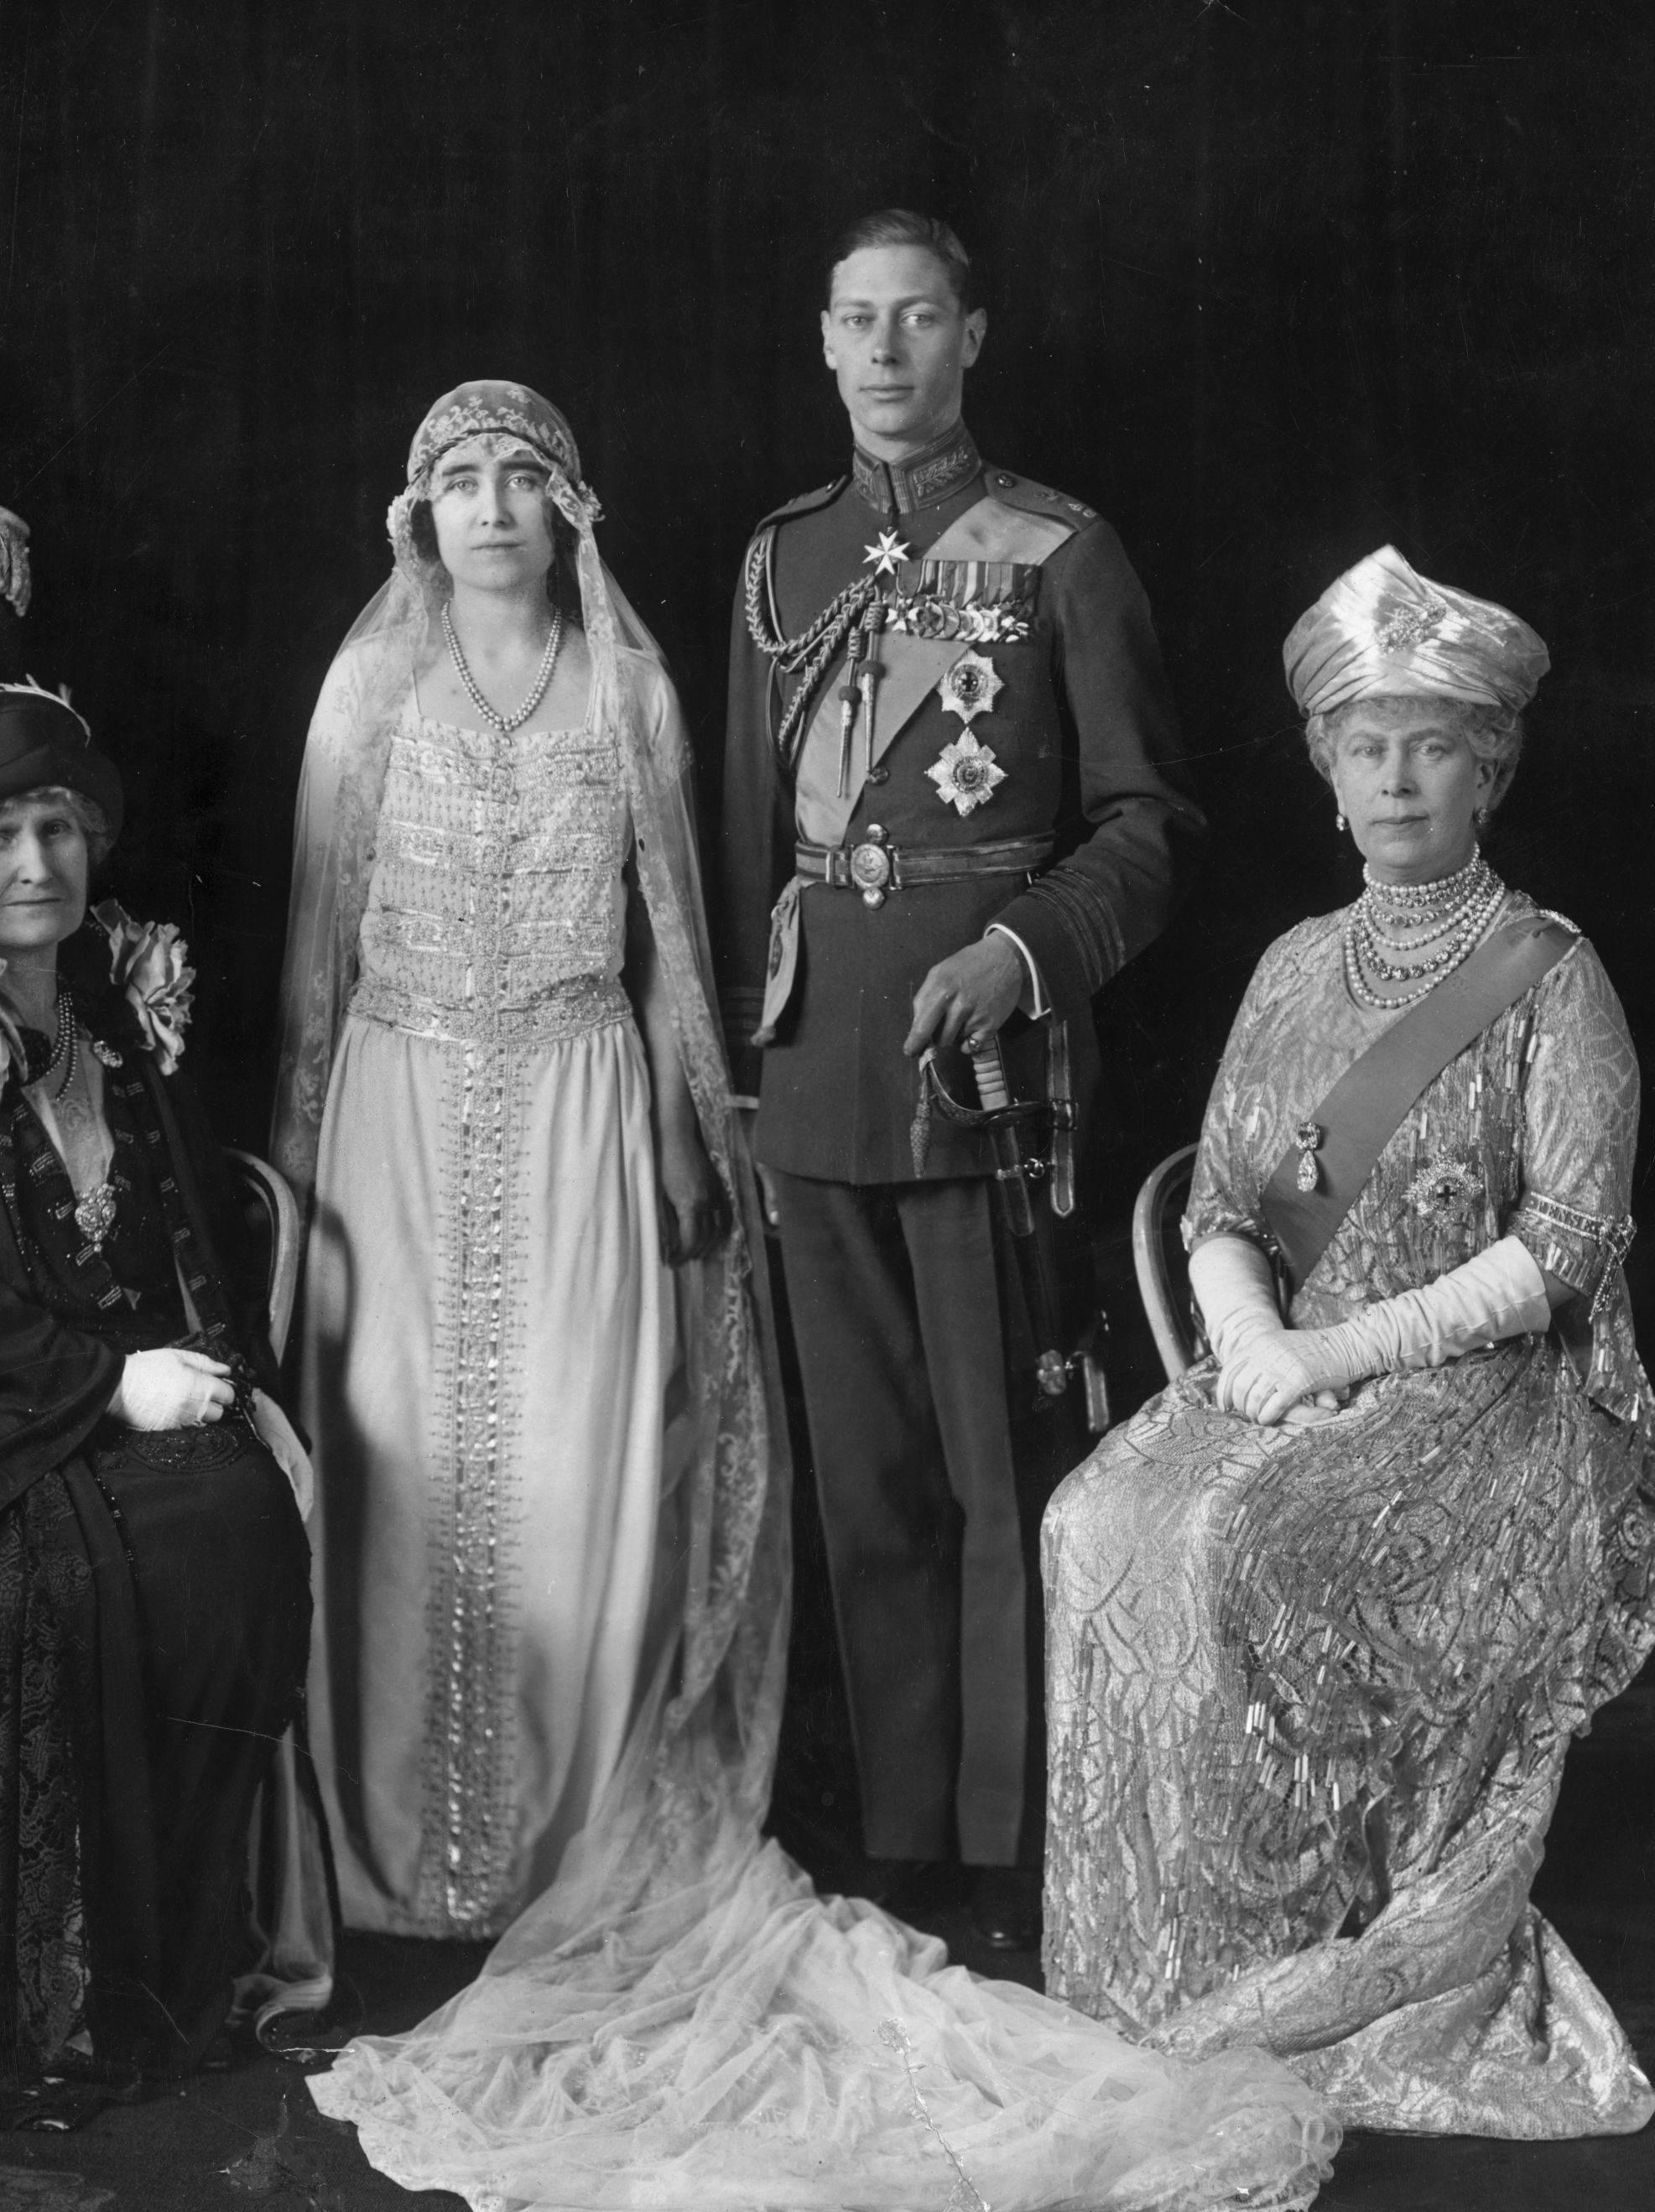 La duchesse d'York portait une robe de mariée ivoire à manche courte avec une voile ample en dentelle.